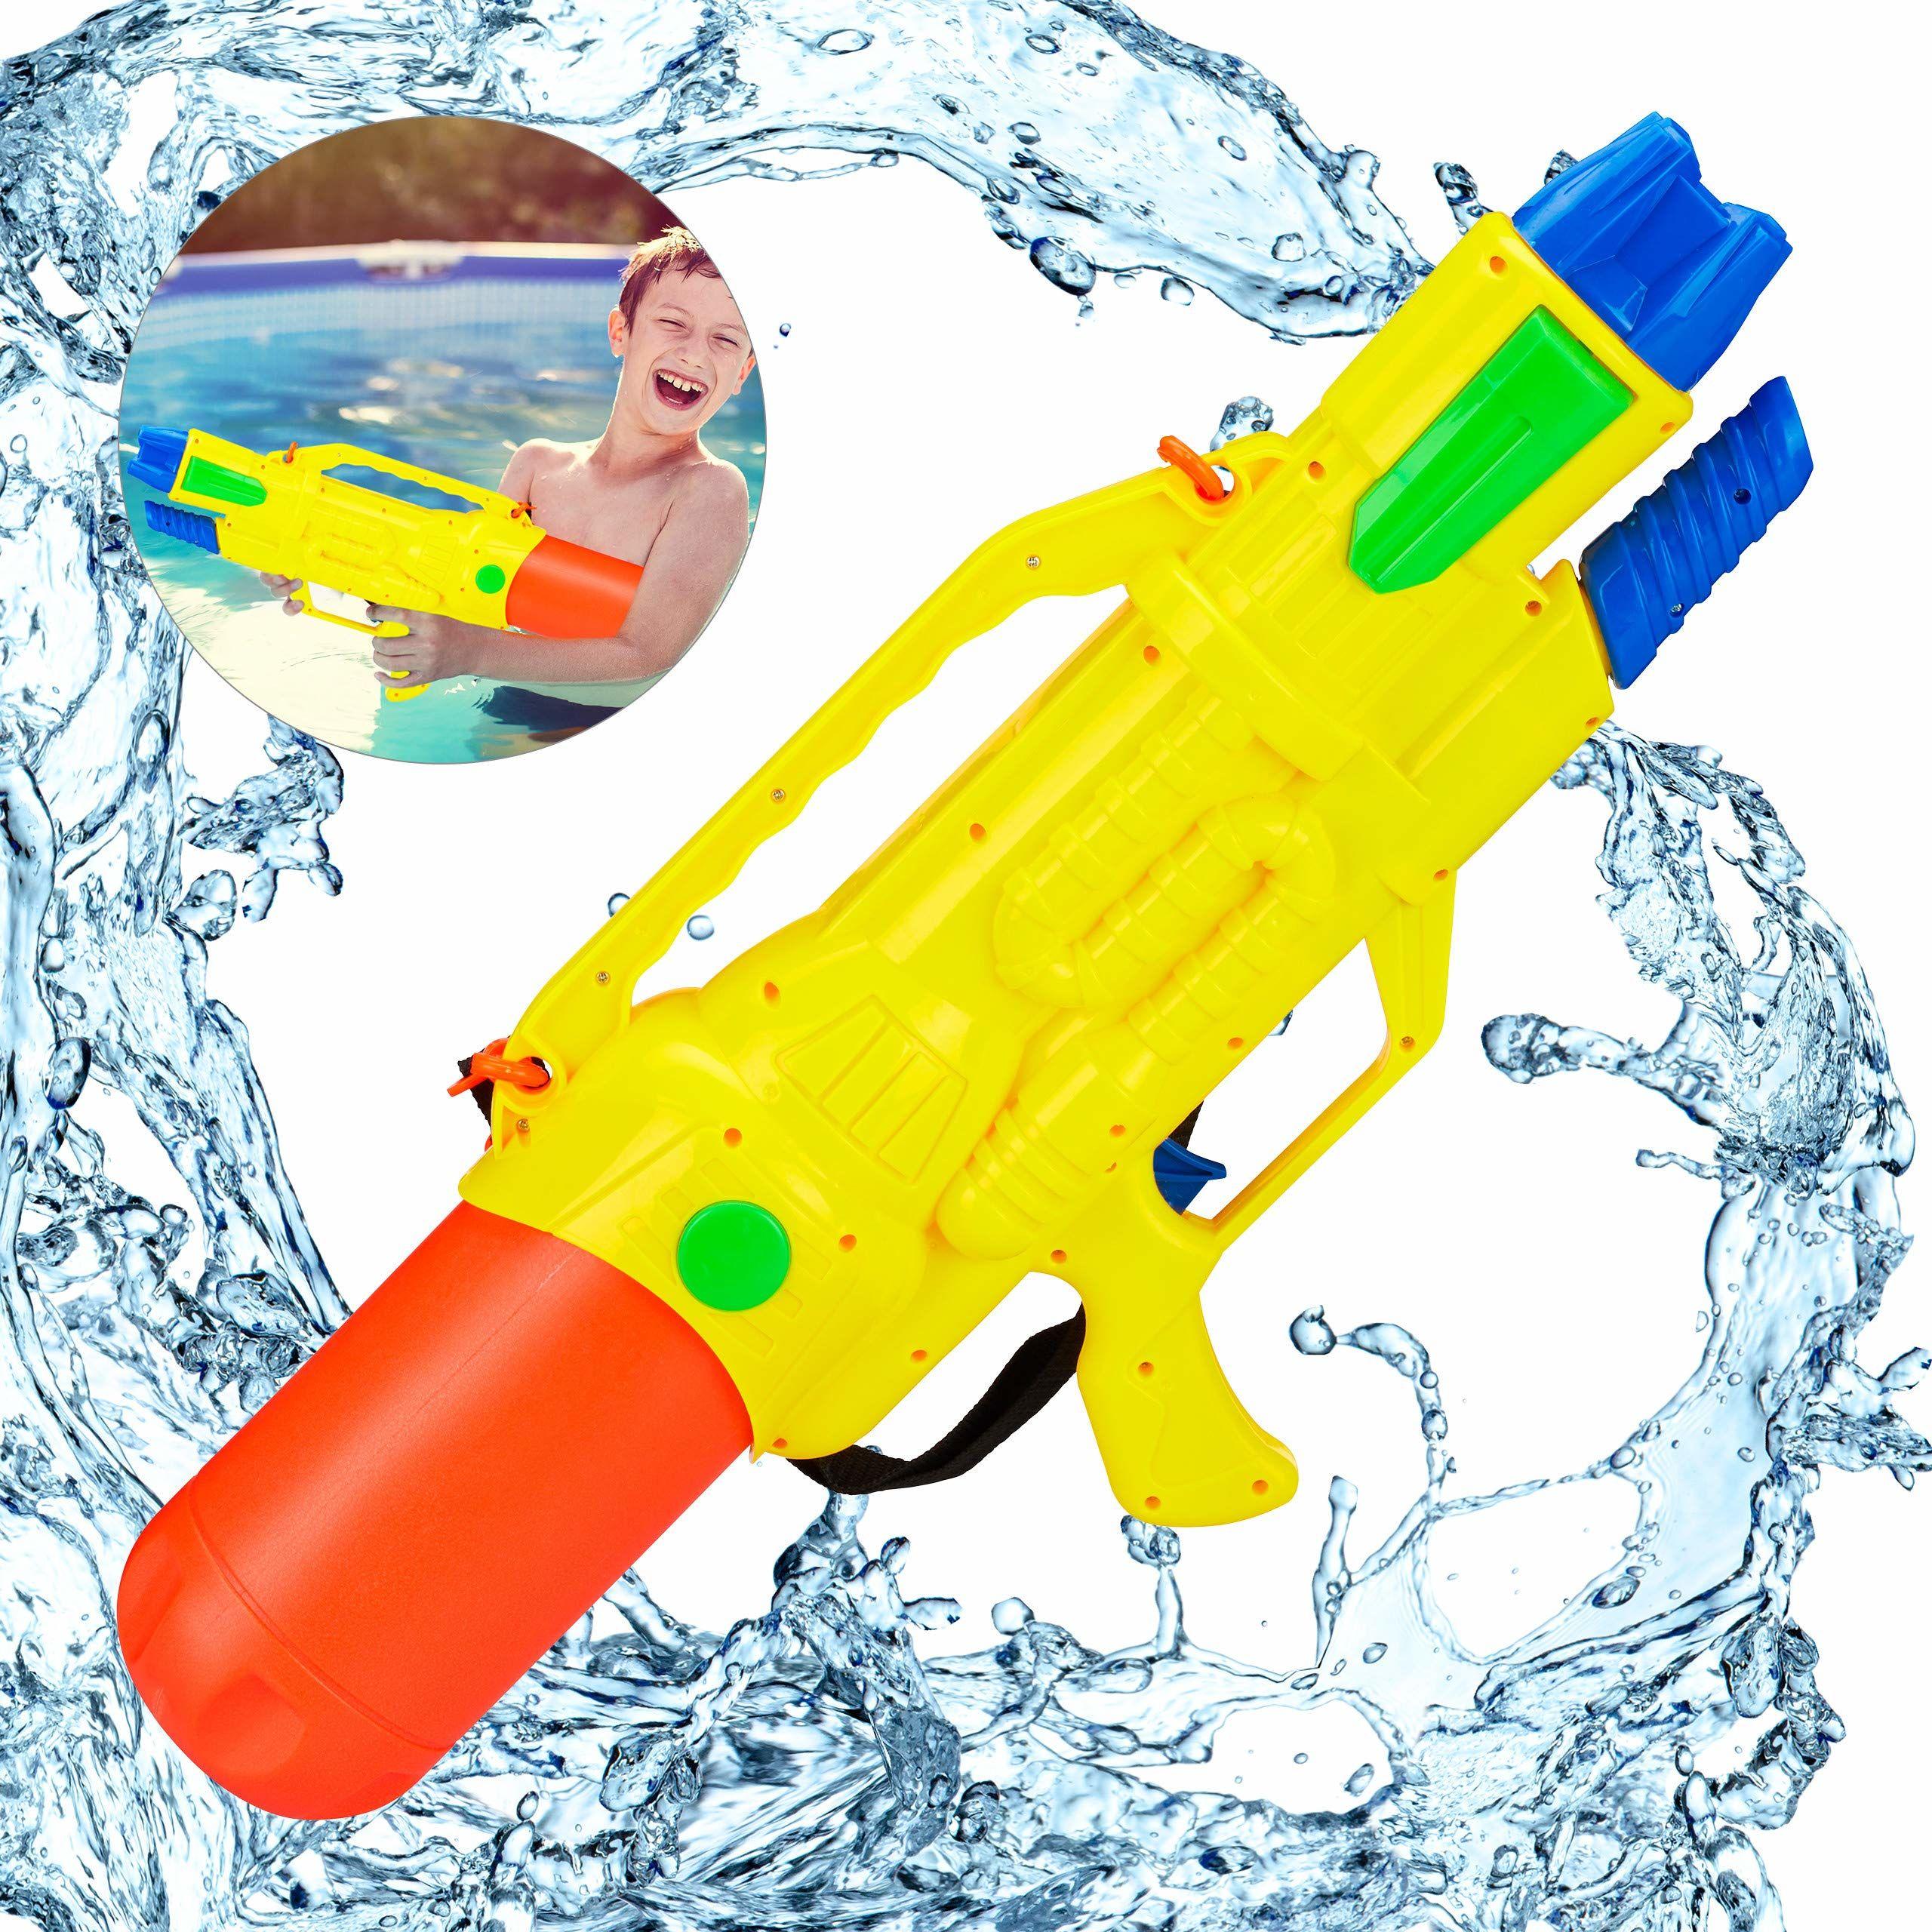 Relaxdays Pistolet na wodę, zbiornik na wodę 1,8 l, zasięg 10 m, do pompowania, dla dzieci i dorosłych, pistolet natryskowy, kolorowy